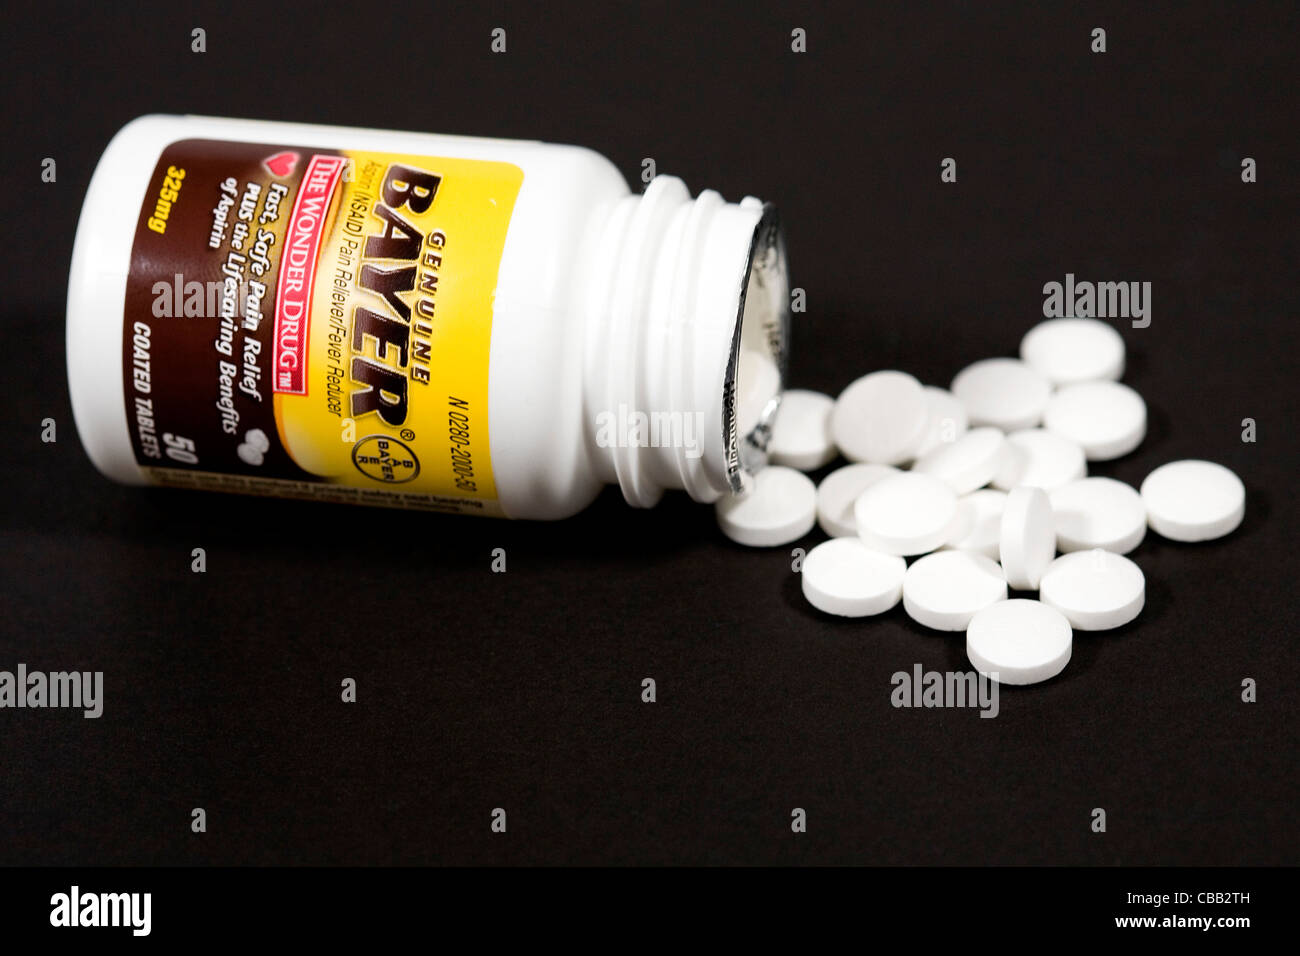 Bayer aspirin pills. - Stock Image